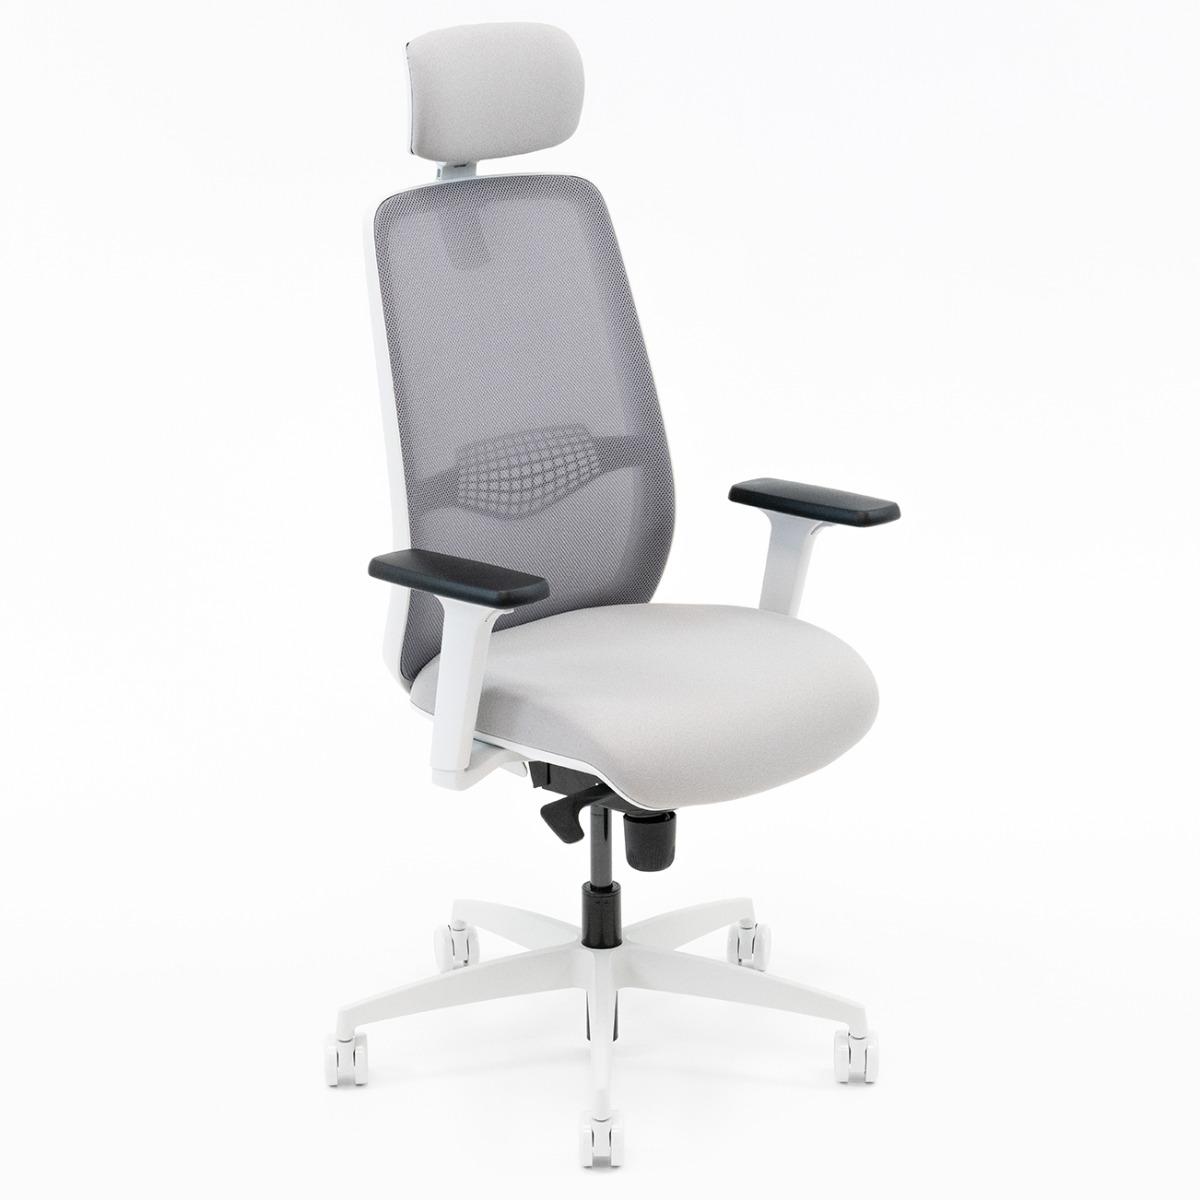 Chair-Neemo-Birch-Headrest-1300px